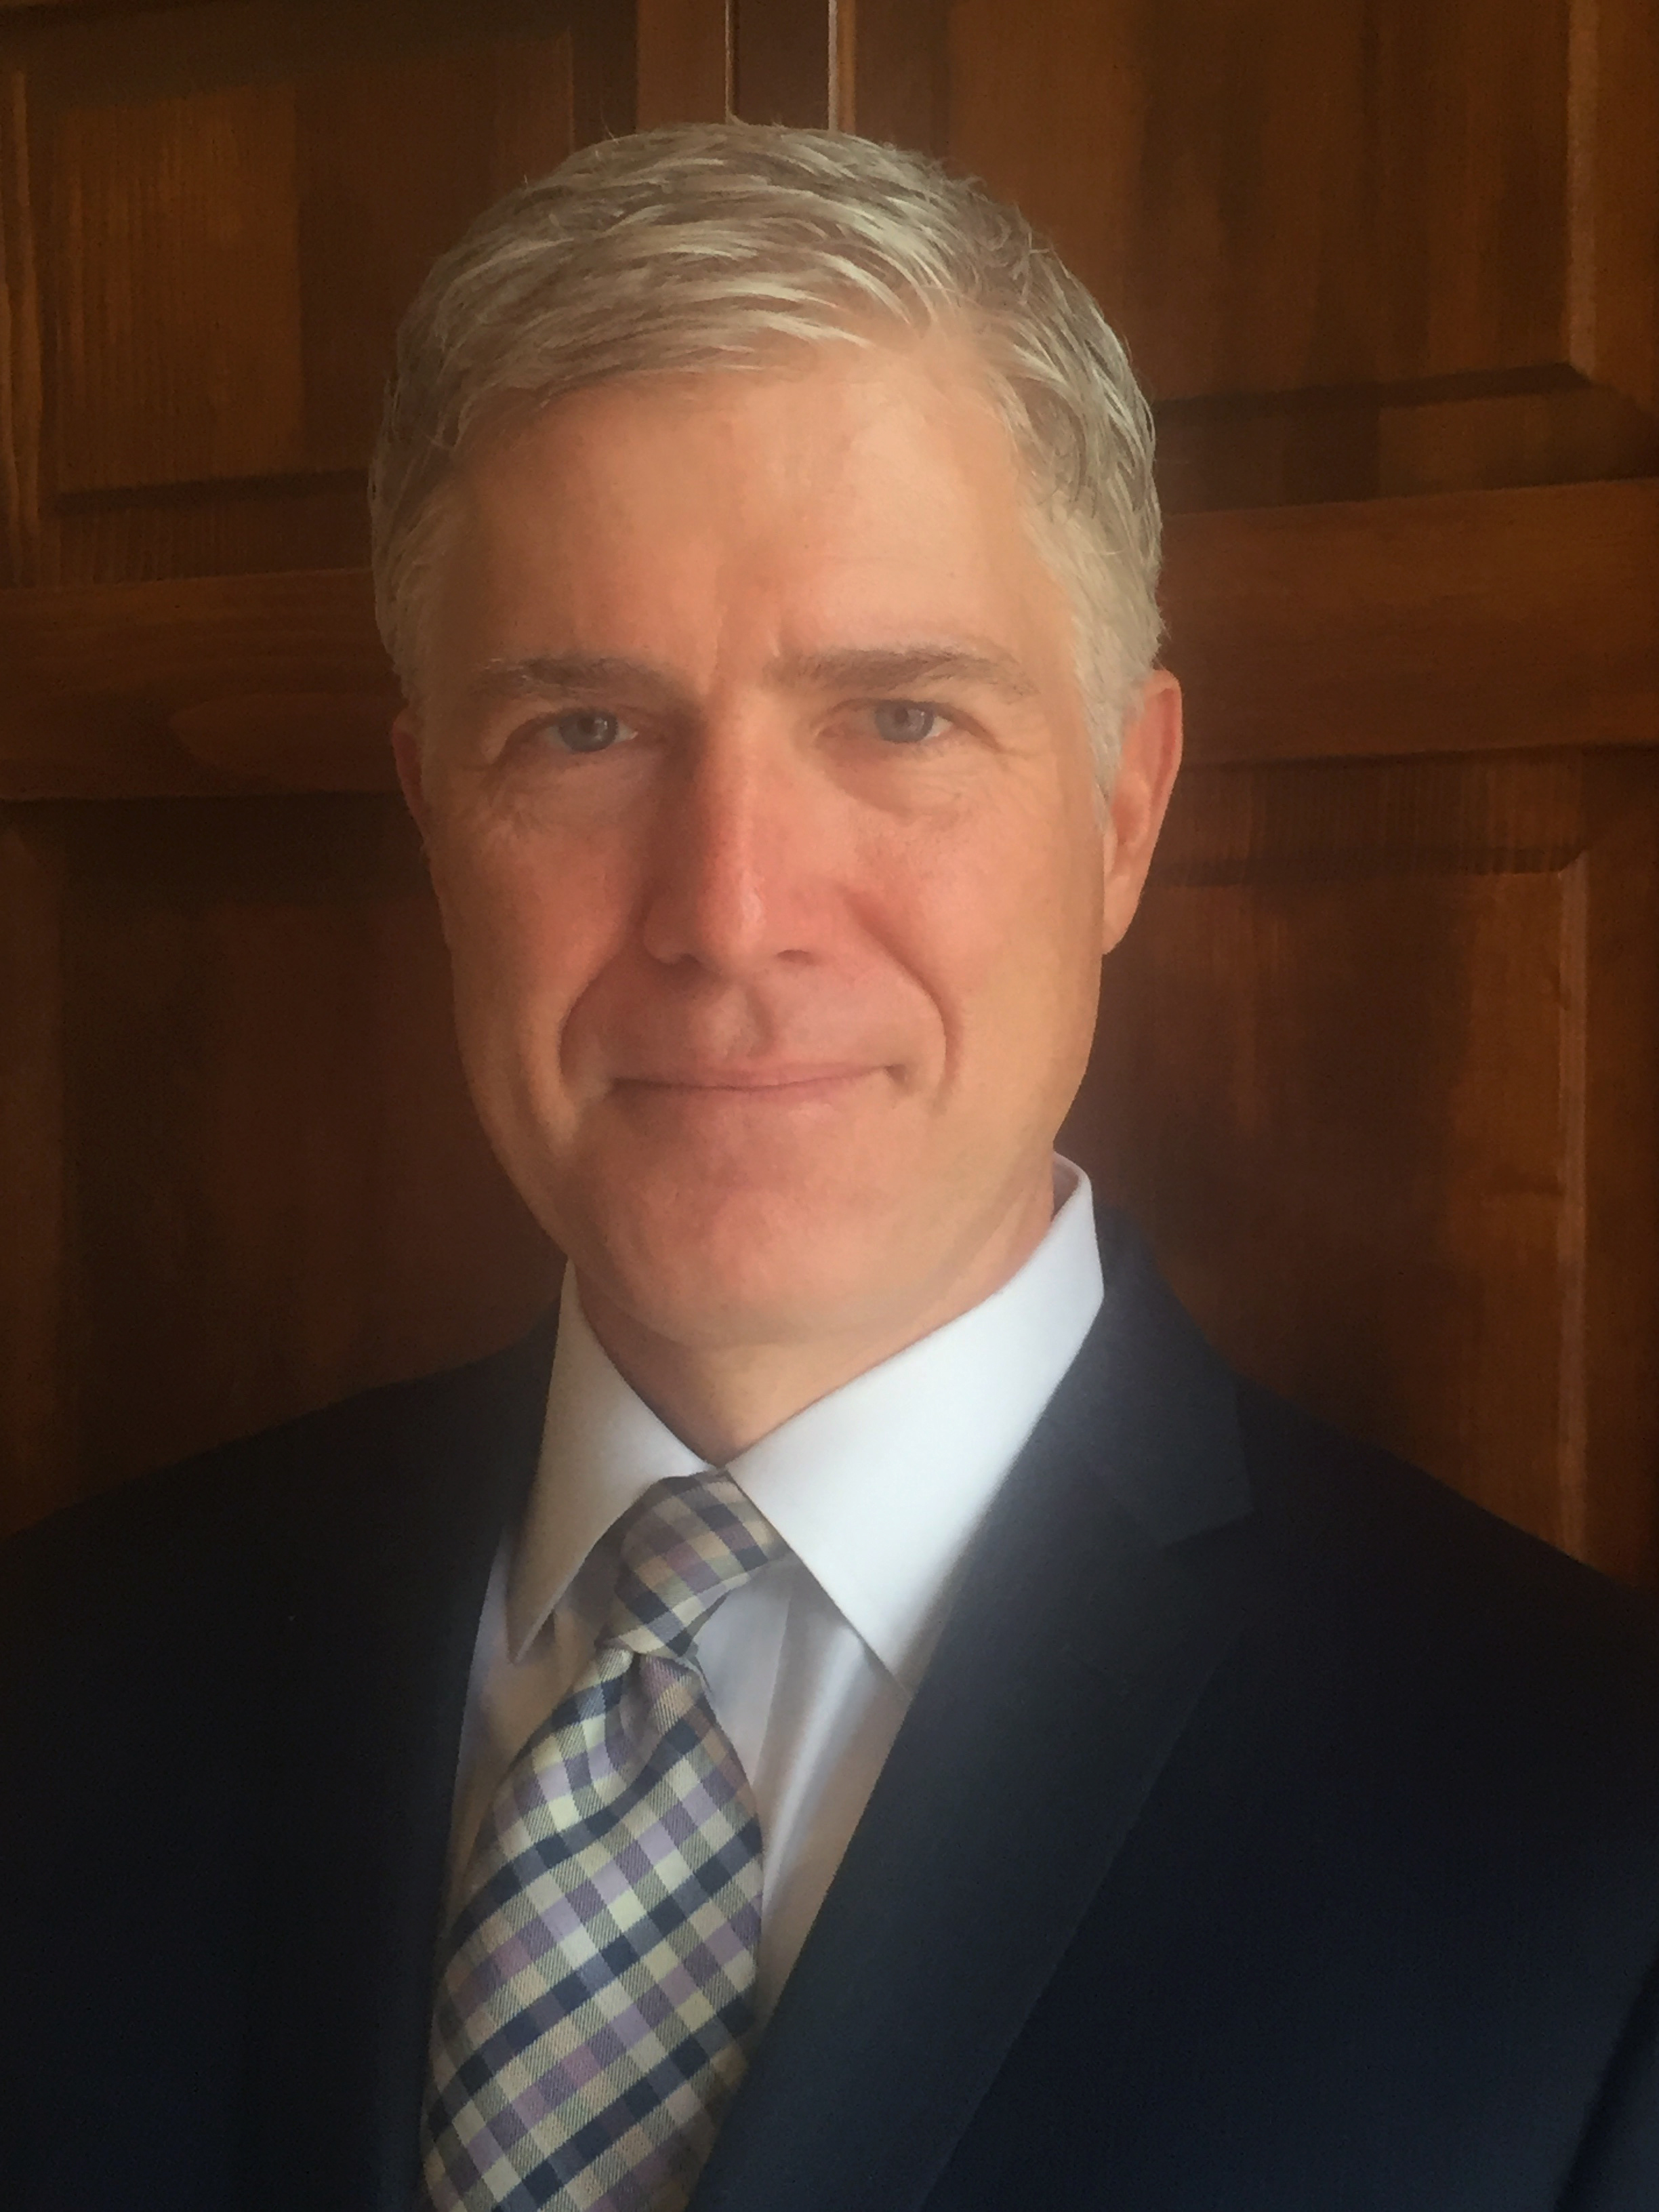 Judge Neil Gorsuch. (10th U.S. Circuit Court of Appeals  via AP)